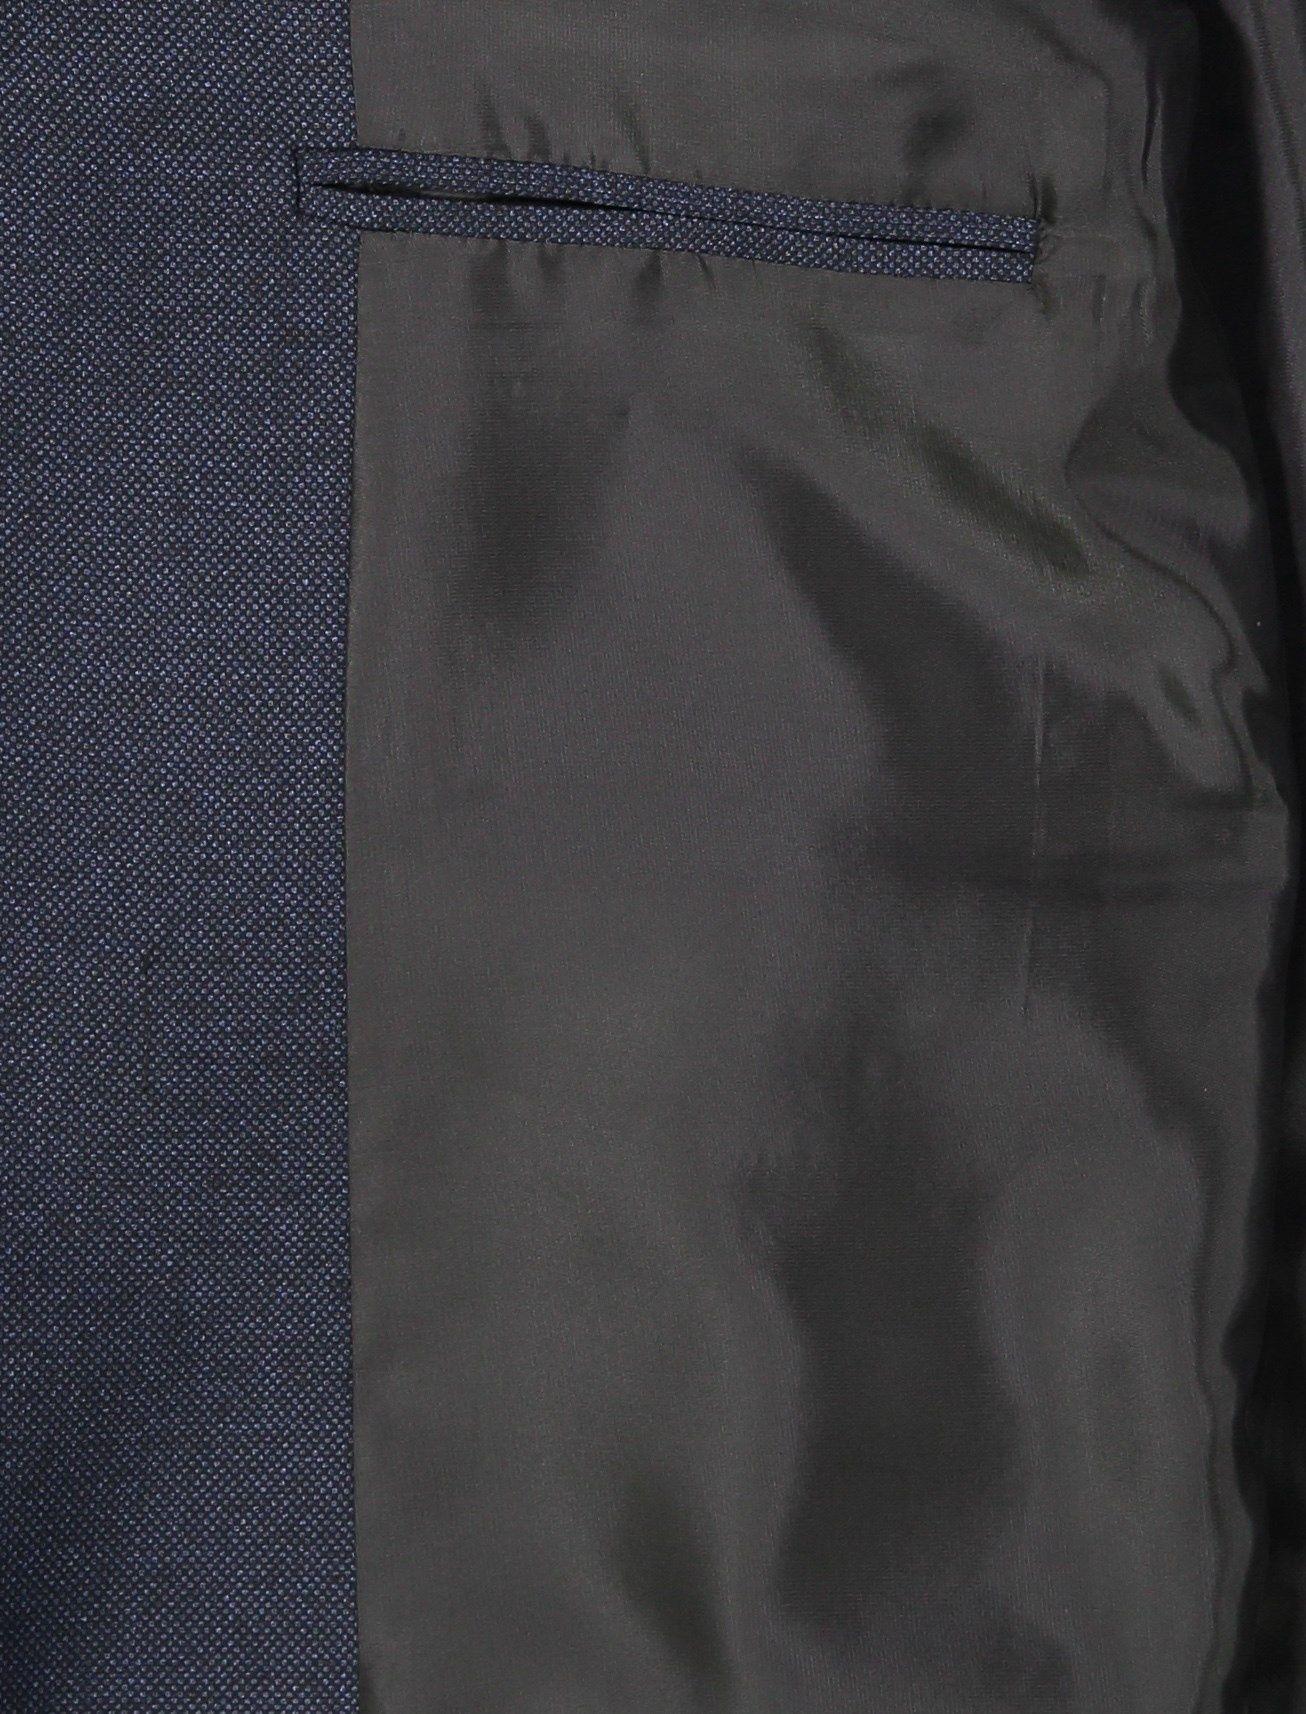 کت تک رسمی مردانه - خانه مد راد - سرمه اي - 5